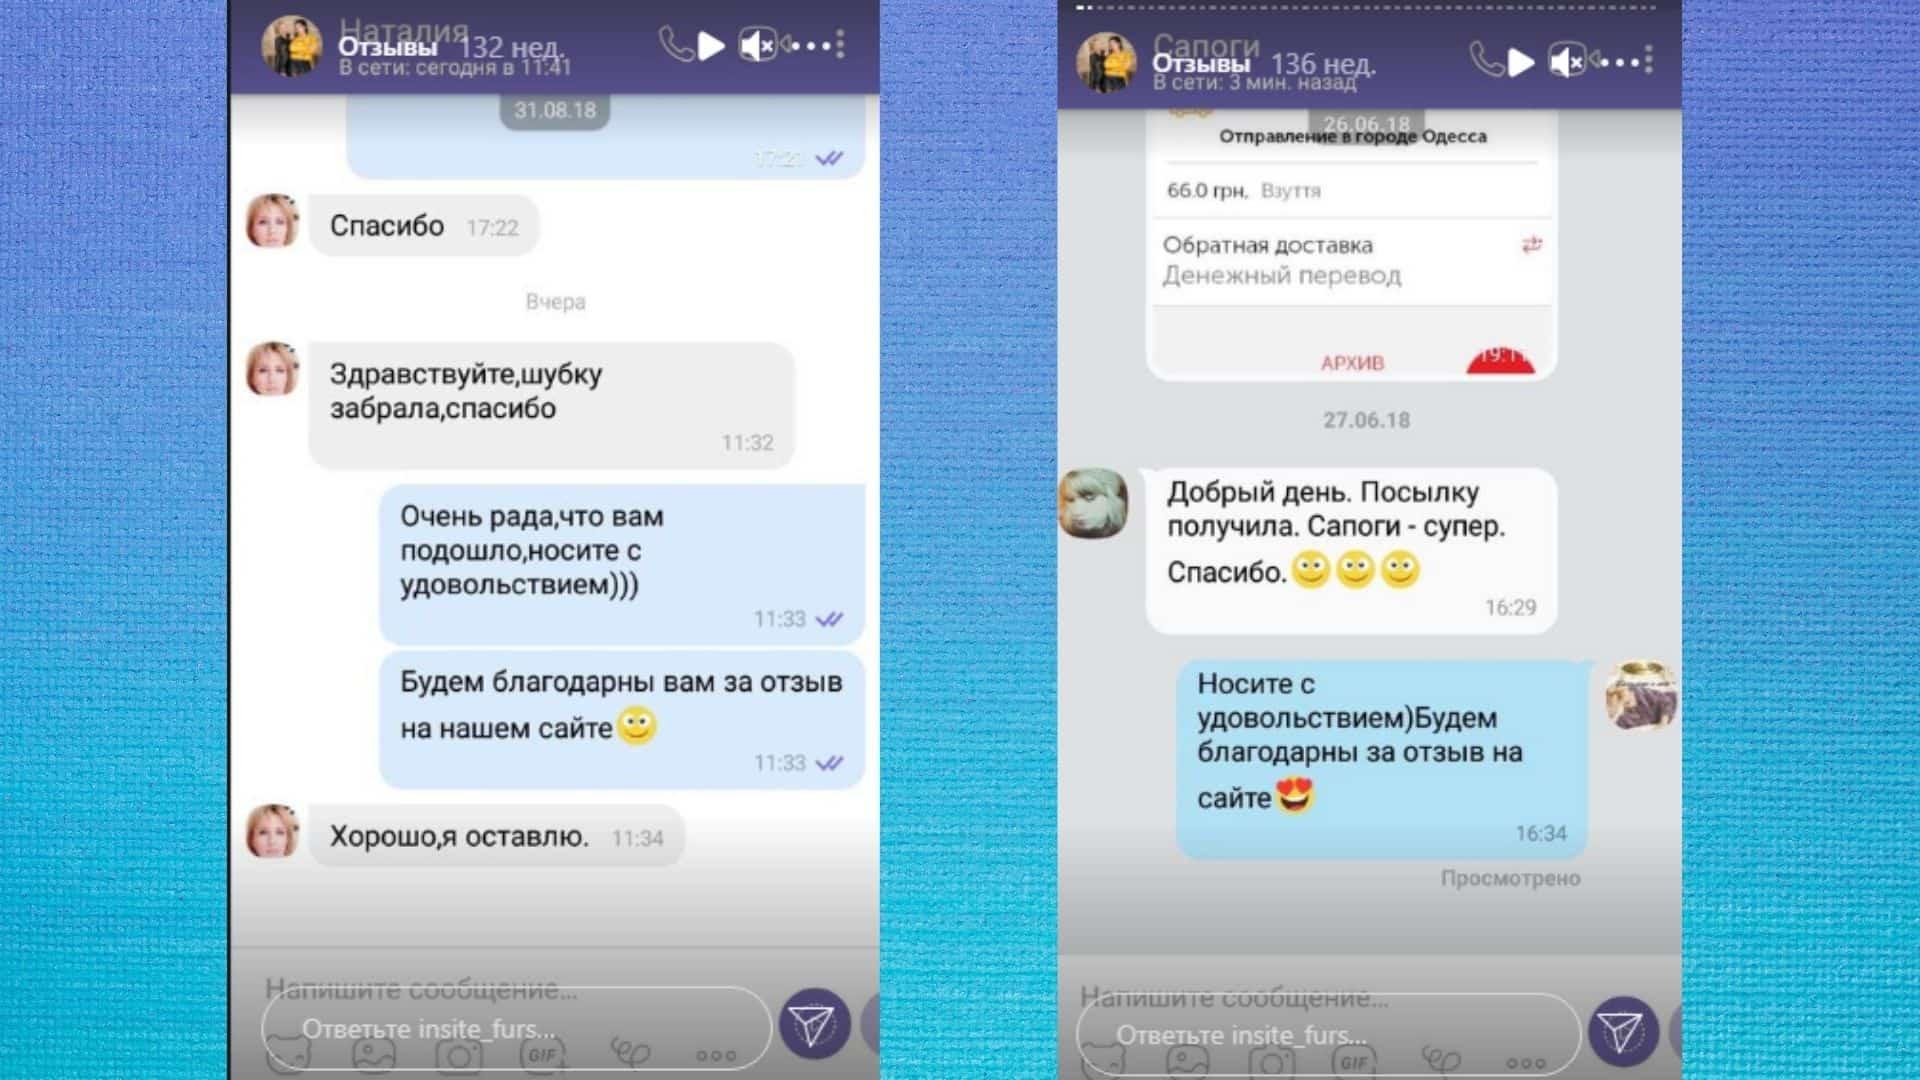 Скрин переписки с Viber дает понять, что клиенты довольны покупками, что компания отвечает на вопросы и беспокоится о качестве продукции